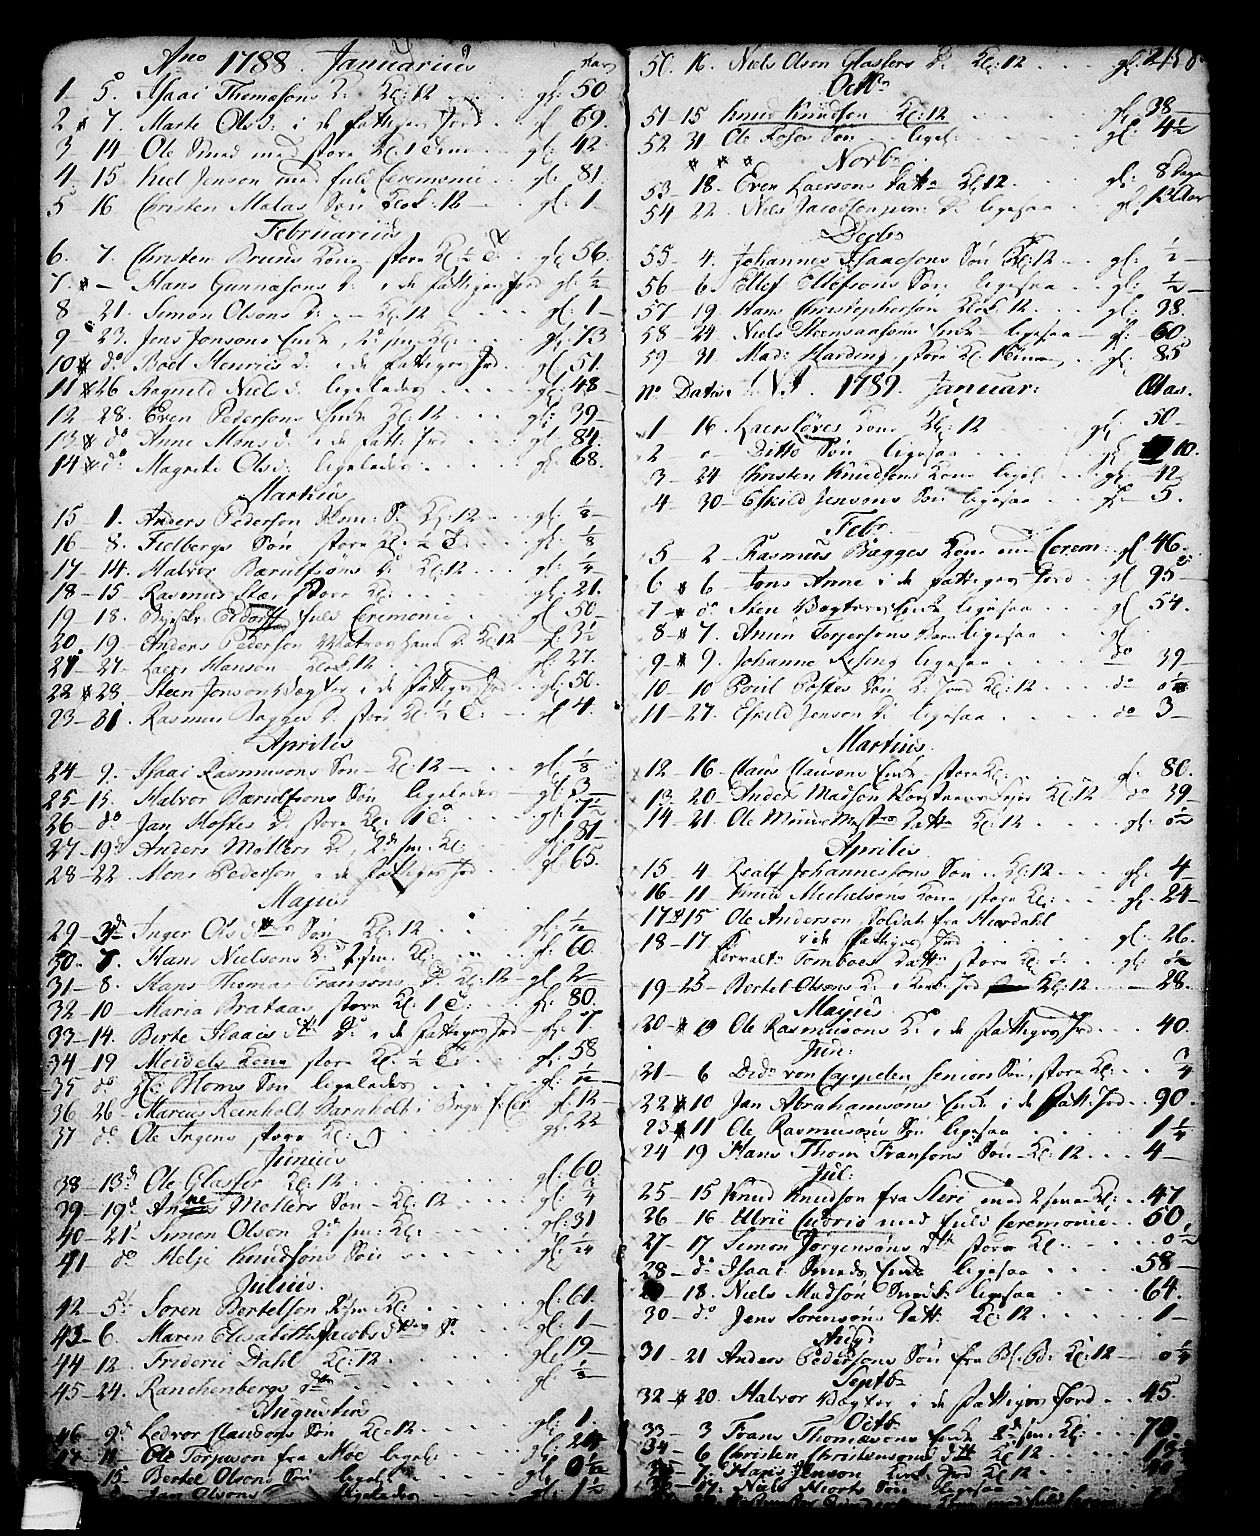 SAKO, Skien kirkebøker, G/Ga/L0001: Klokkerbok nr. 1, 1756-1791, s. 158